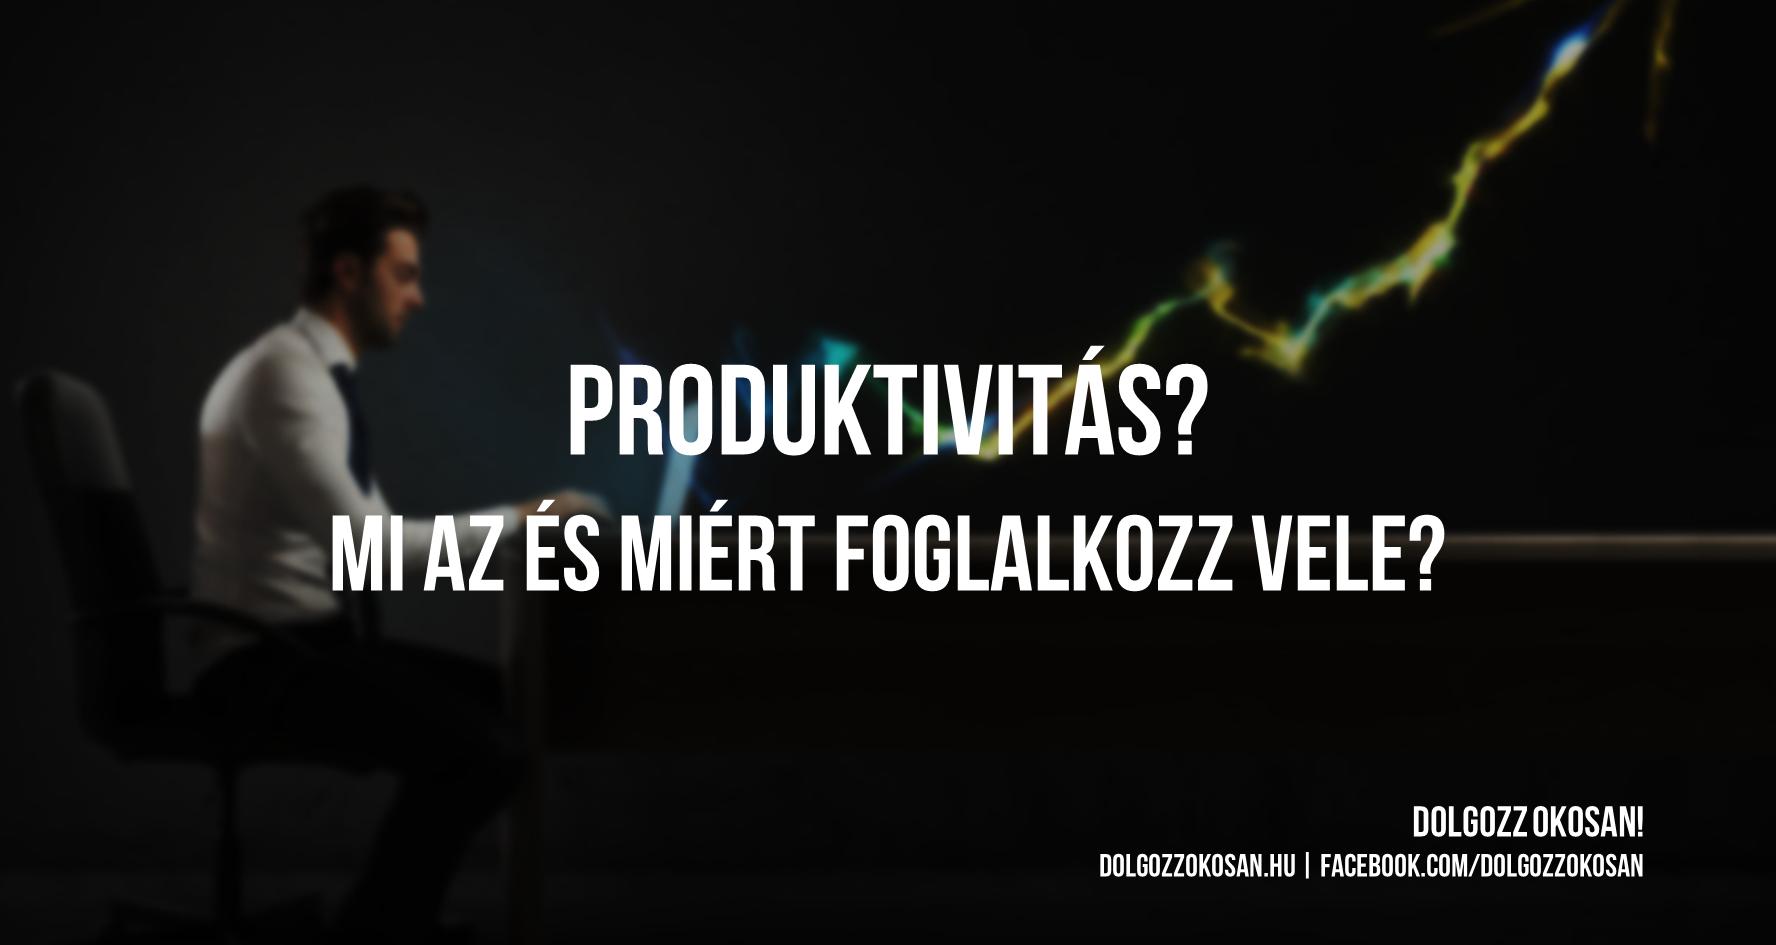 Produktivitás: Mi az és miért foglalkozz vele?